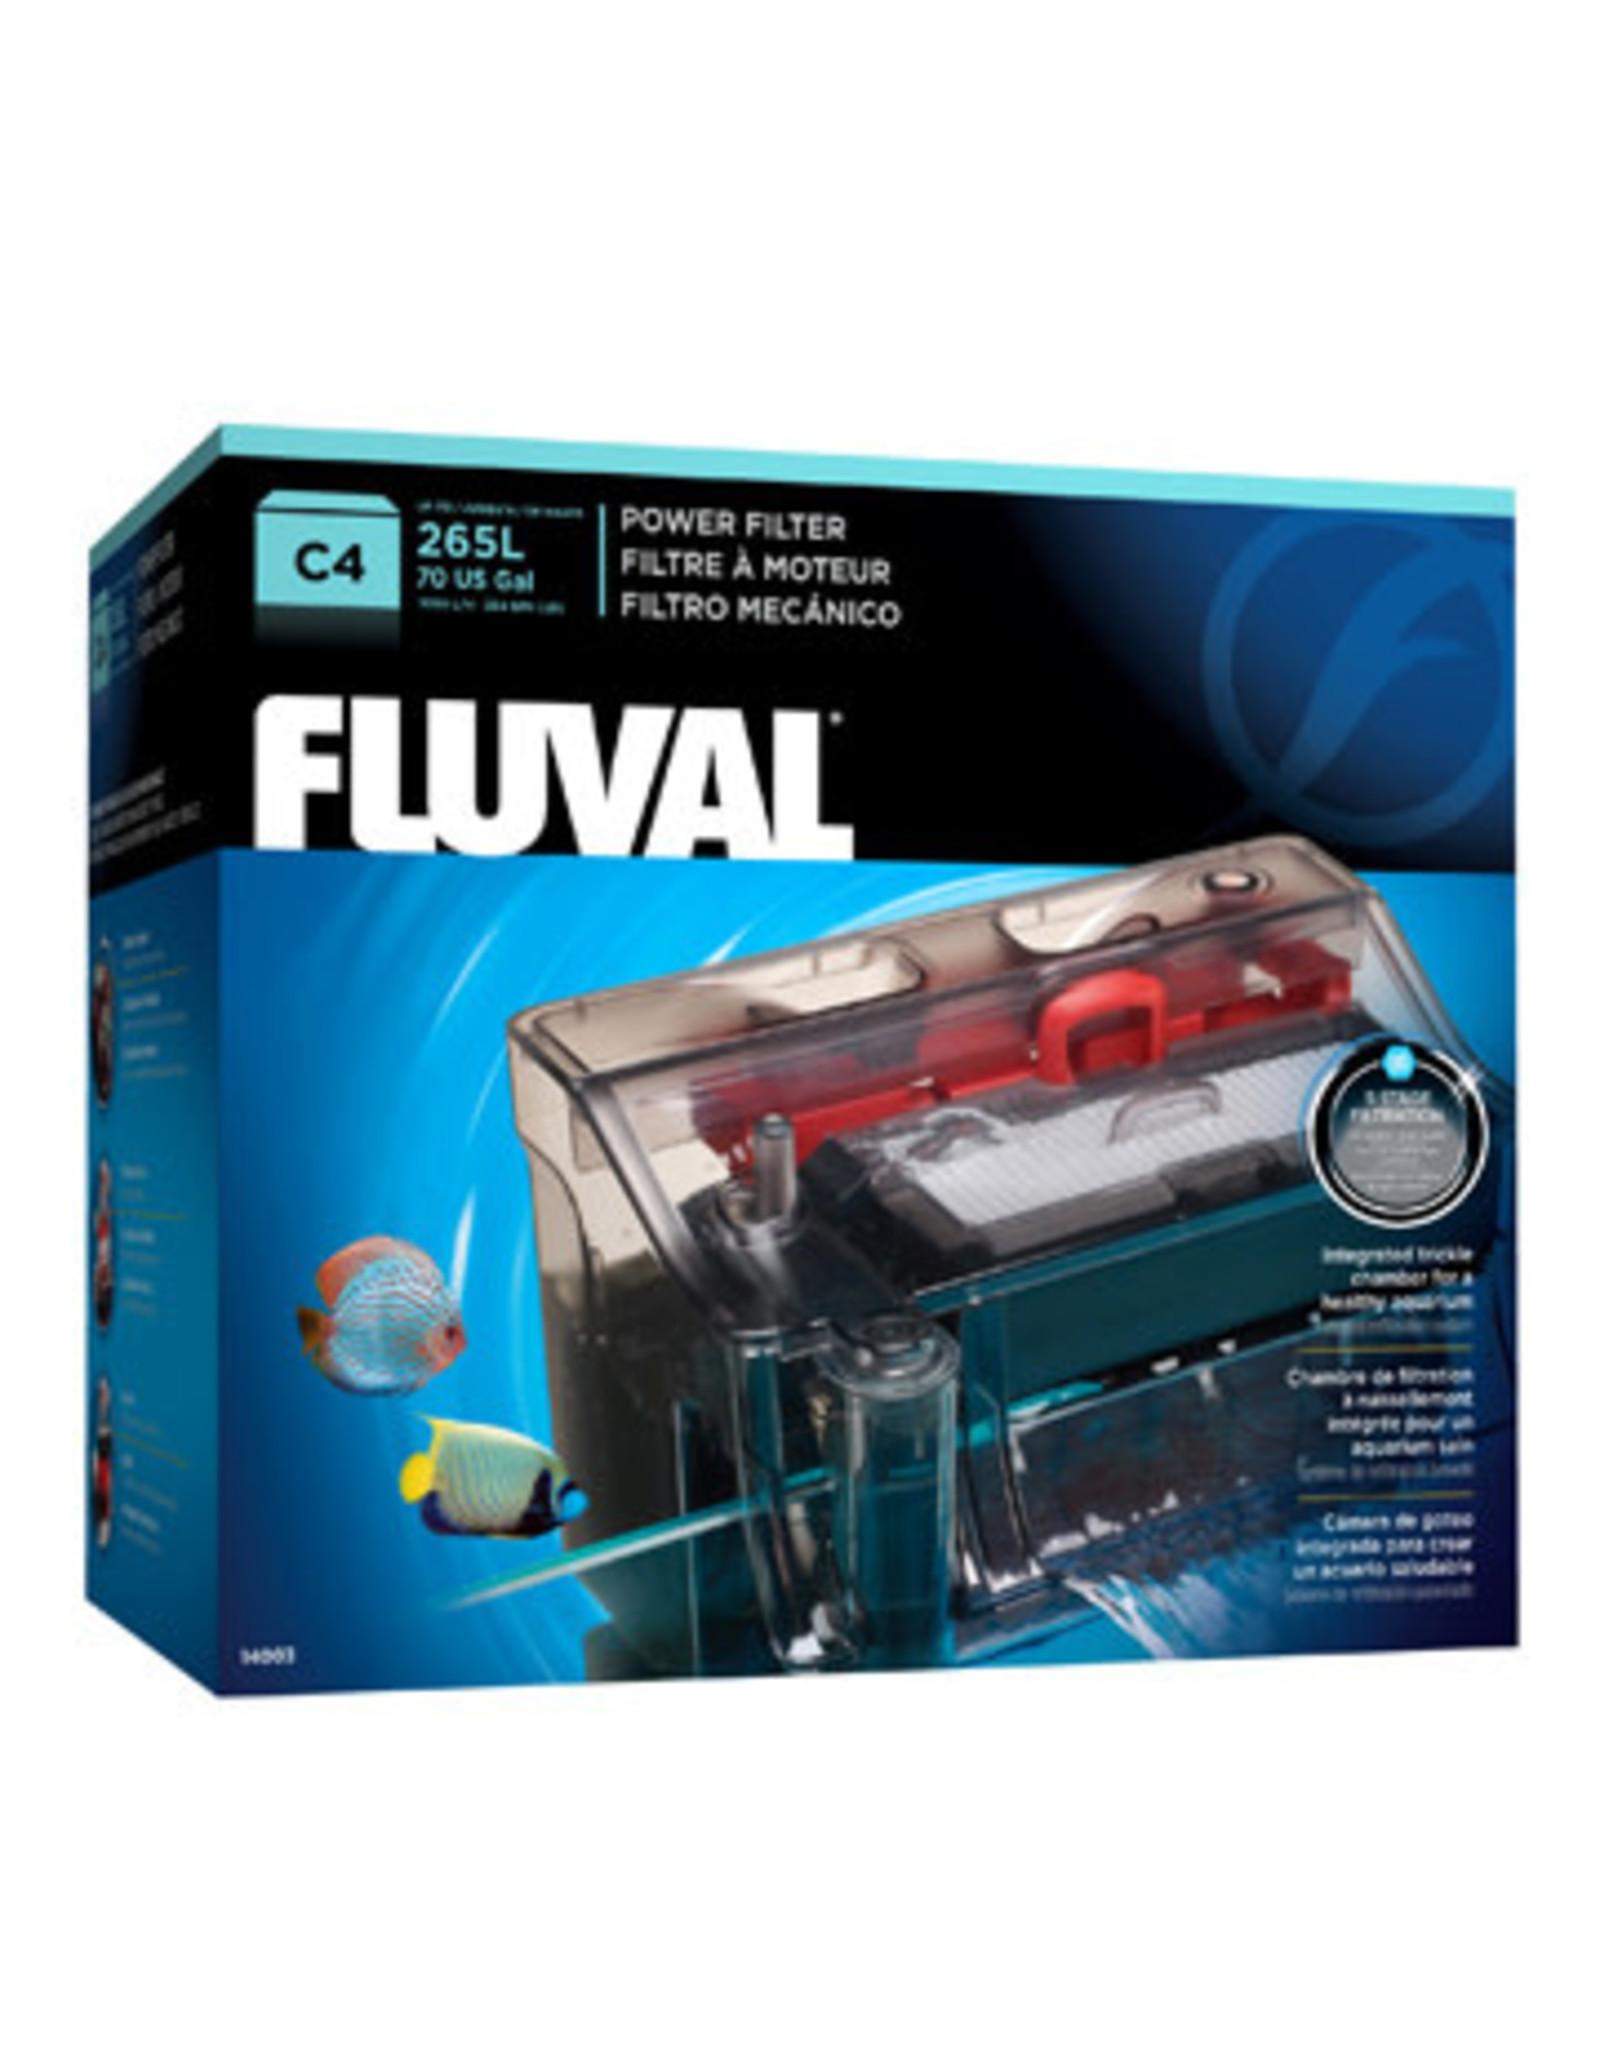 Fluval Fluval C4 Power Filter